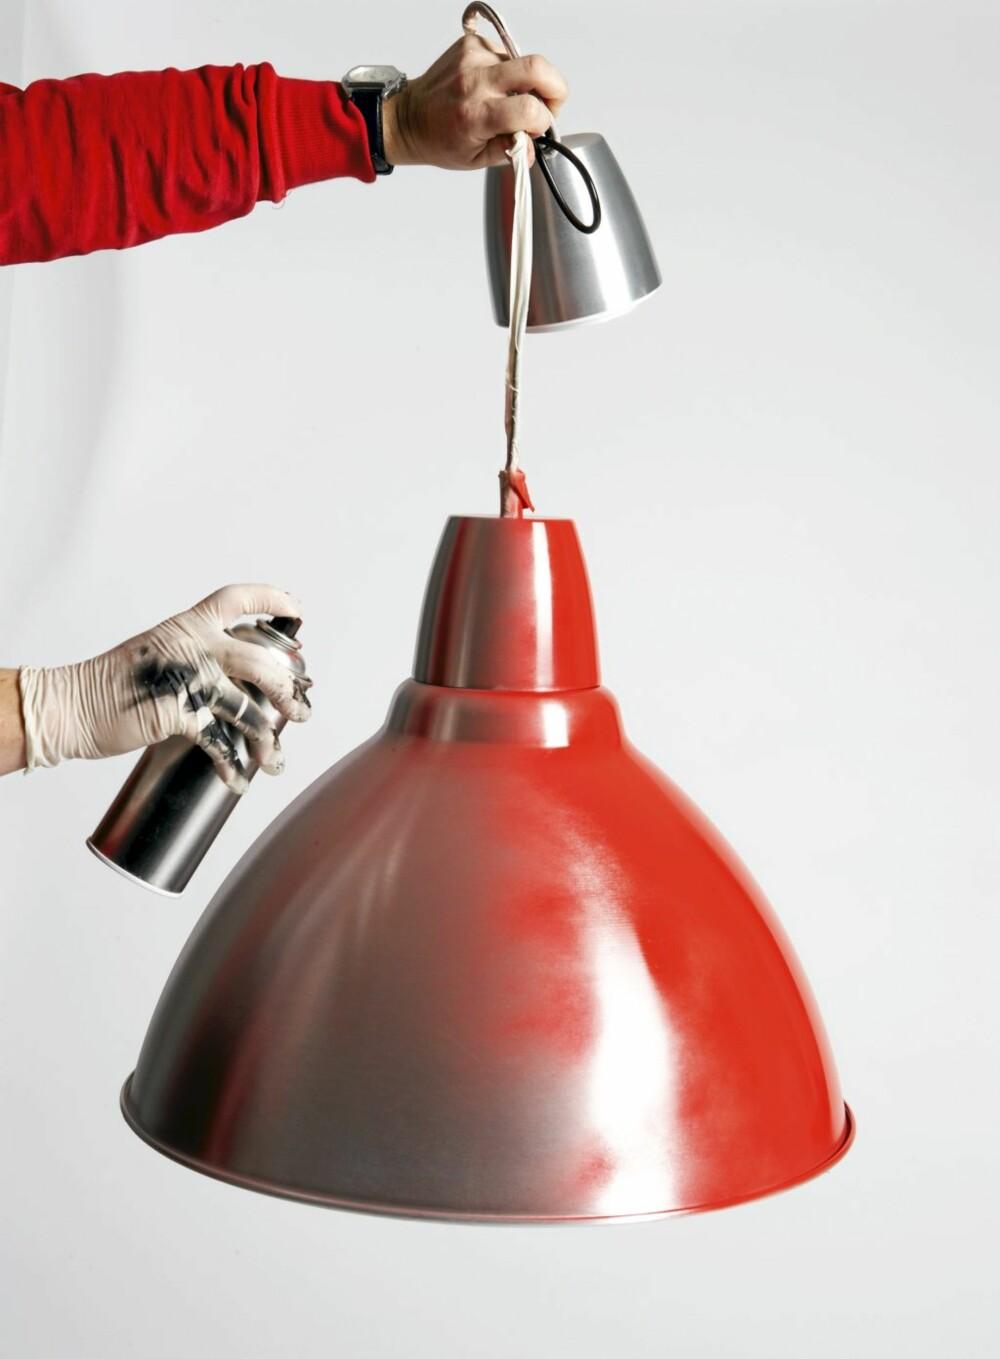 Foto taklampe, kr 259, fra Ikea.